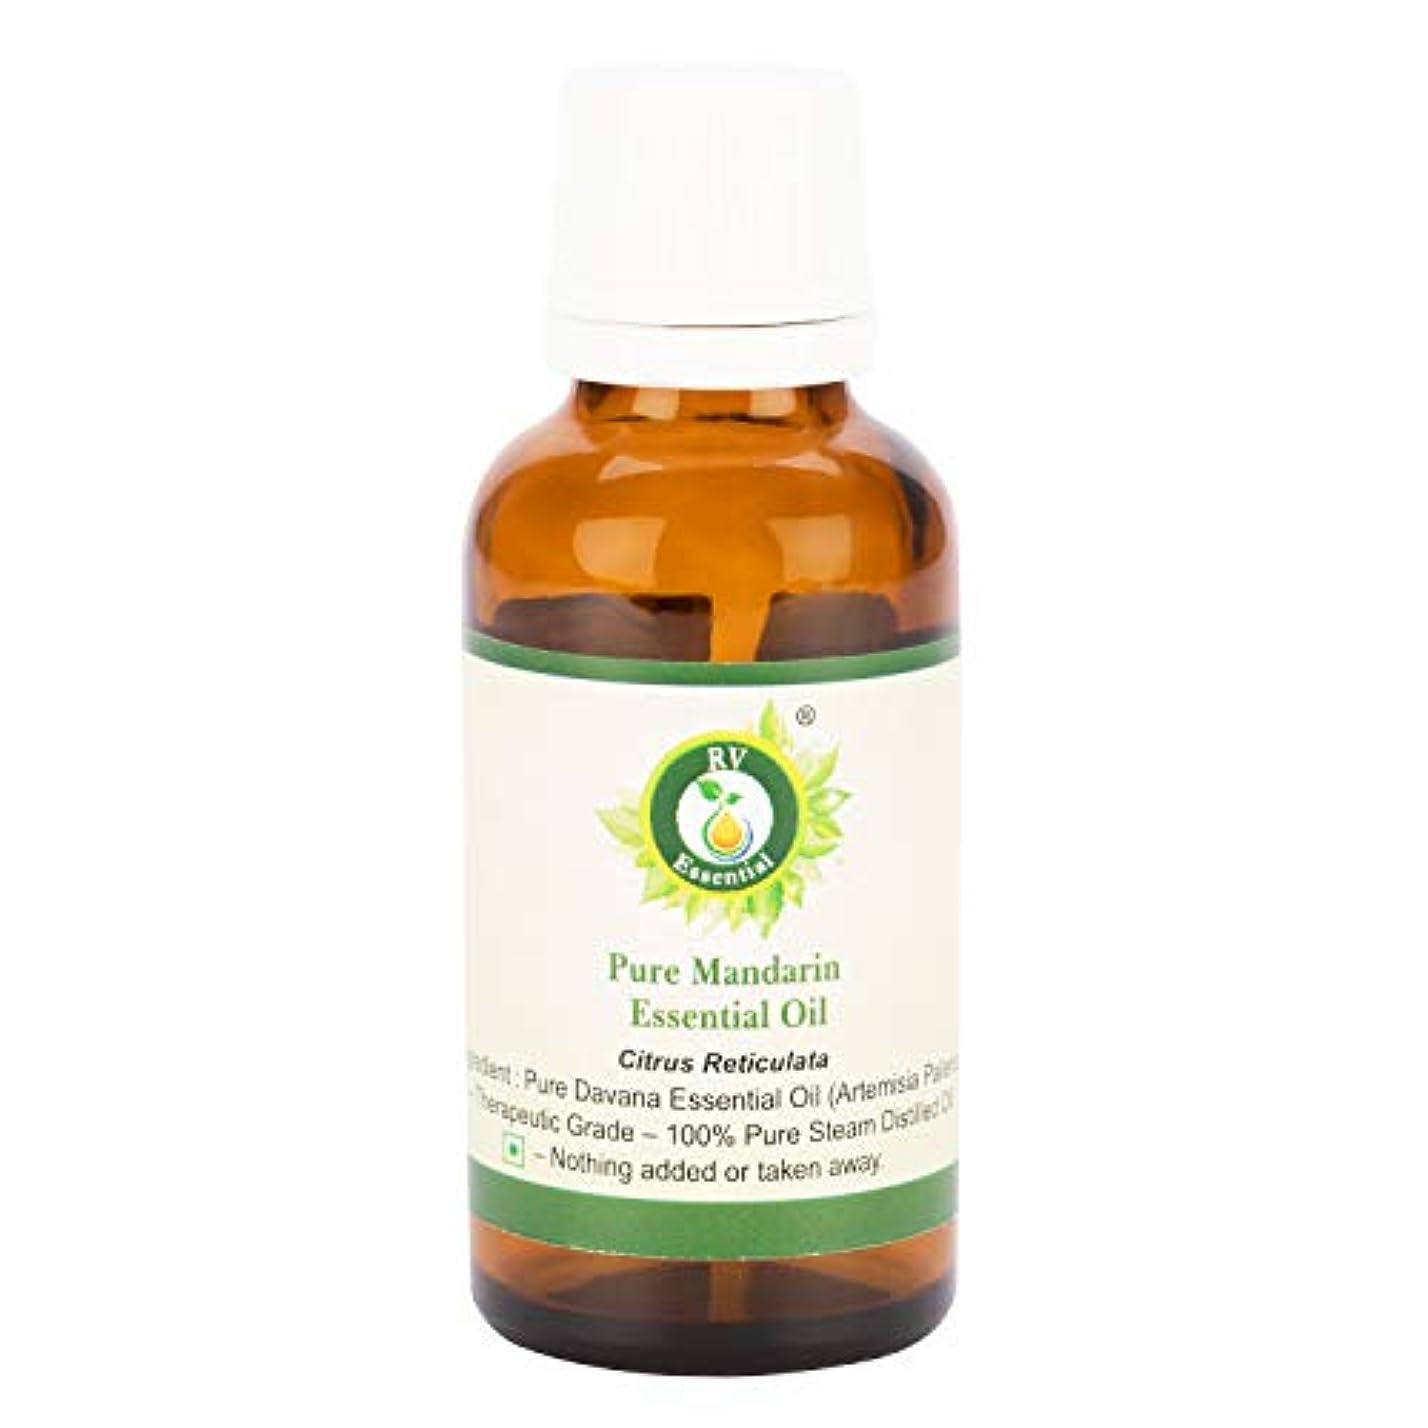 シアー導出広範囲ピュアマンダリンエッセンシャルオイル5ml (0.169oz)- Citrus Reticulata (100%純粋&天然スチームDistilled) Pure Mandarin Essential Oil